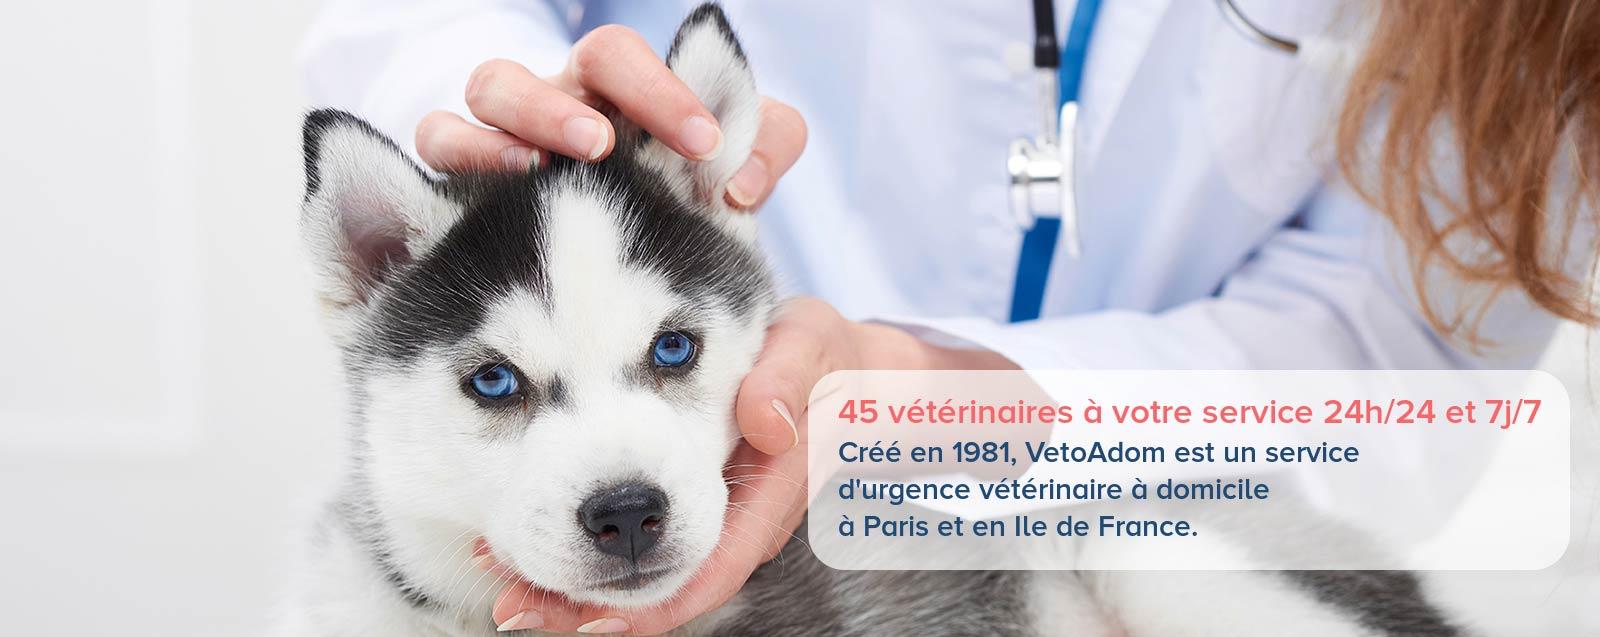 VetoAdom - Urgences vétérinaires à domicile 9h/9 - Paris / Ile